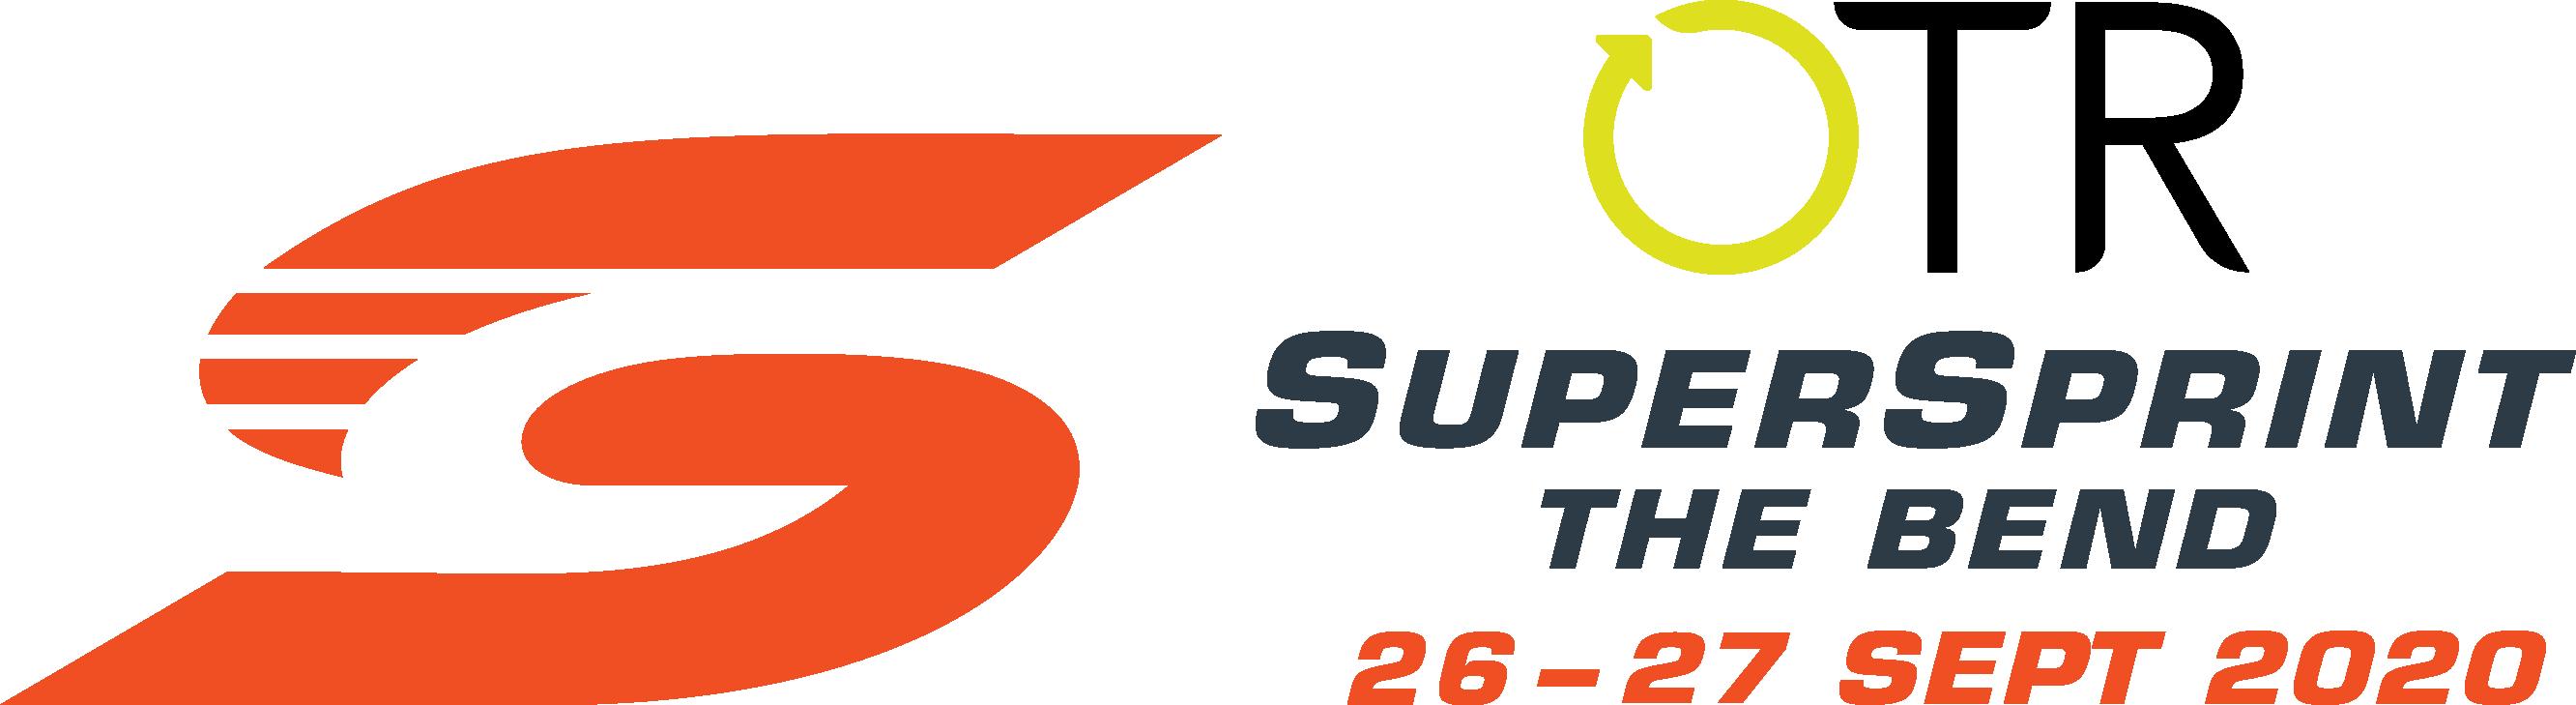 V8 Supercars - OTR SuperSprint The Bend logo